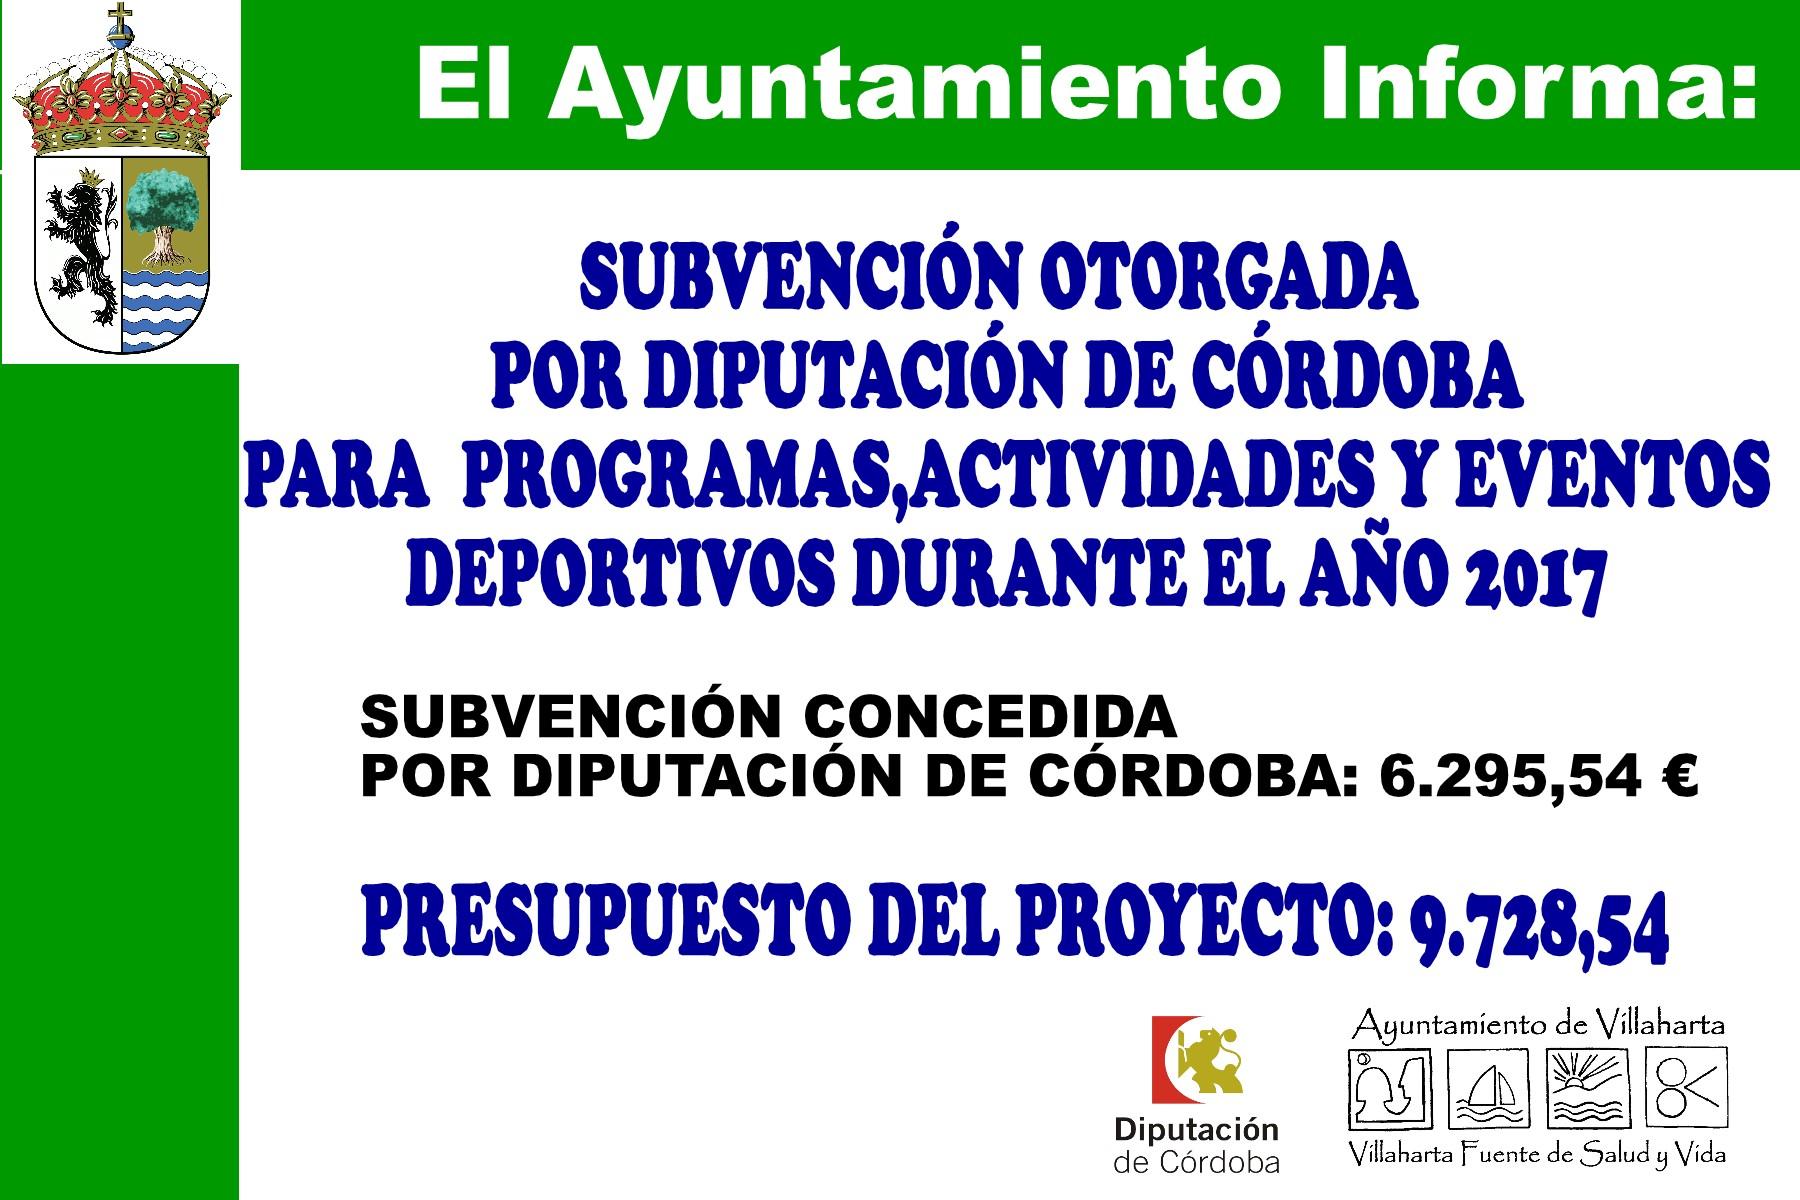 SUBVENCIONES RECIBIDAS. 2017 16